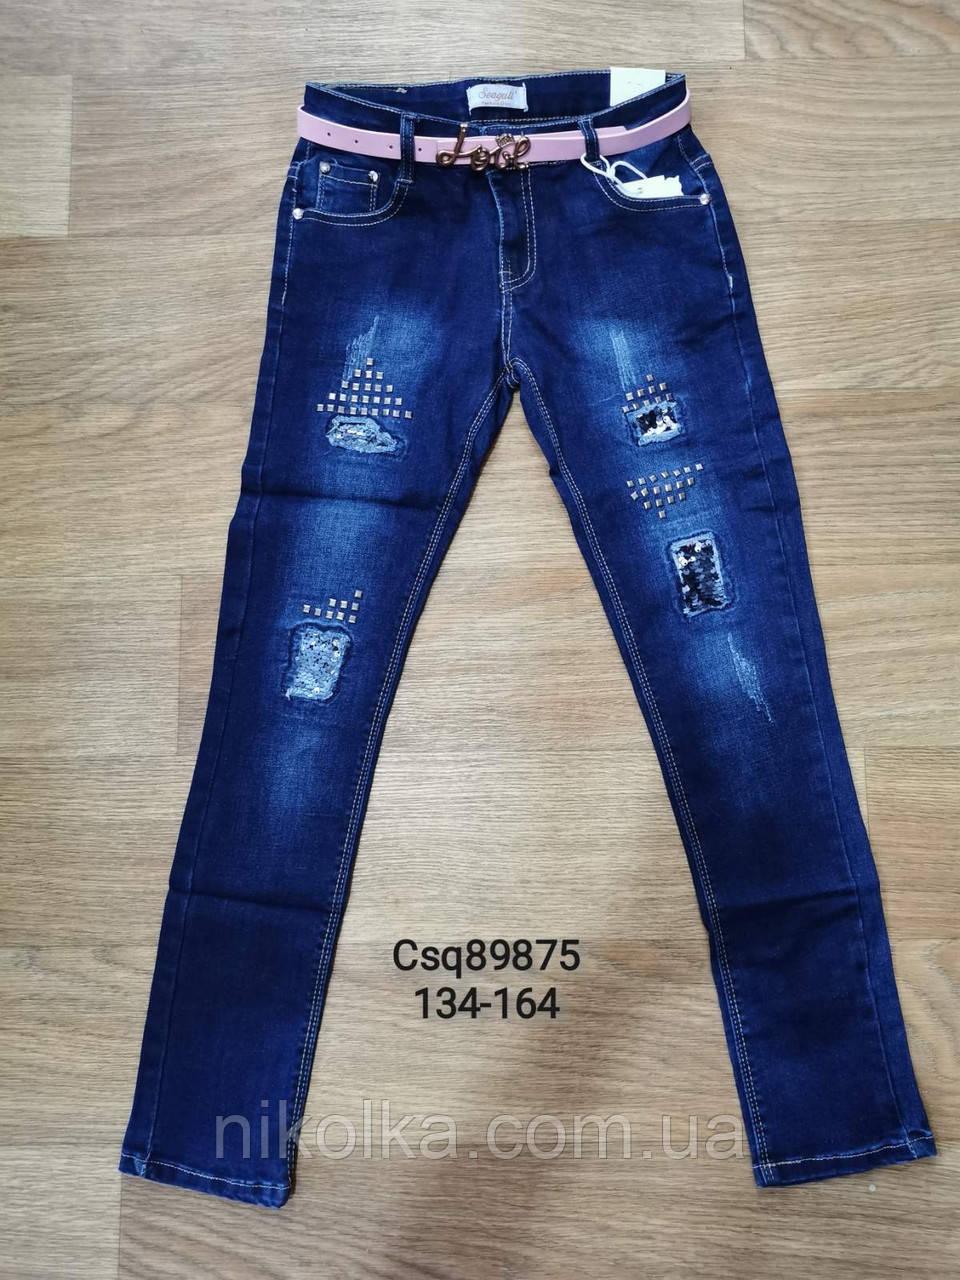 Джинсовые брюки для девочек оптом, Seagull, 134-164 рр., Арт. CSQ-89875